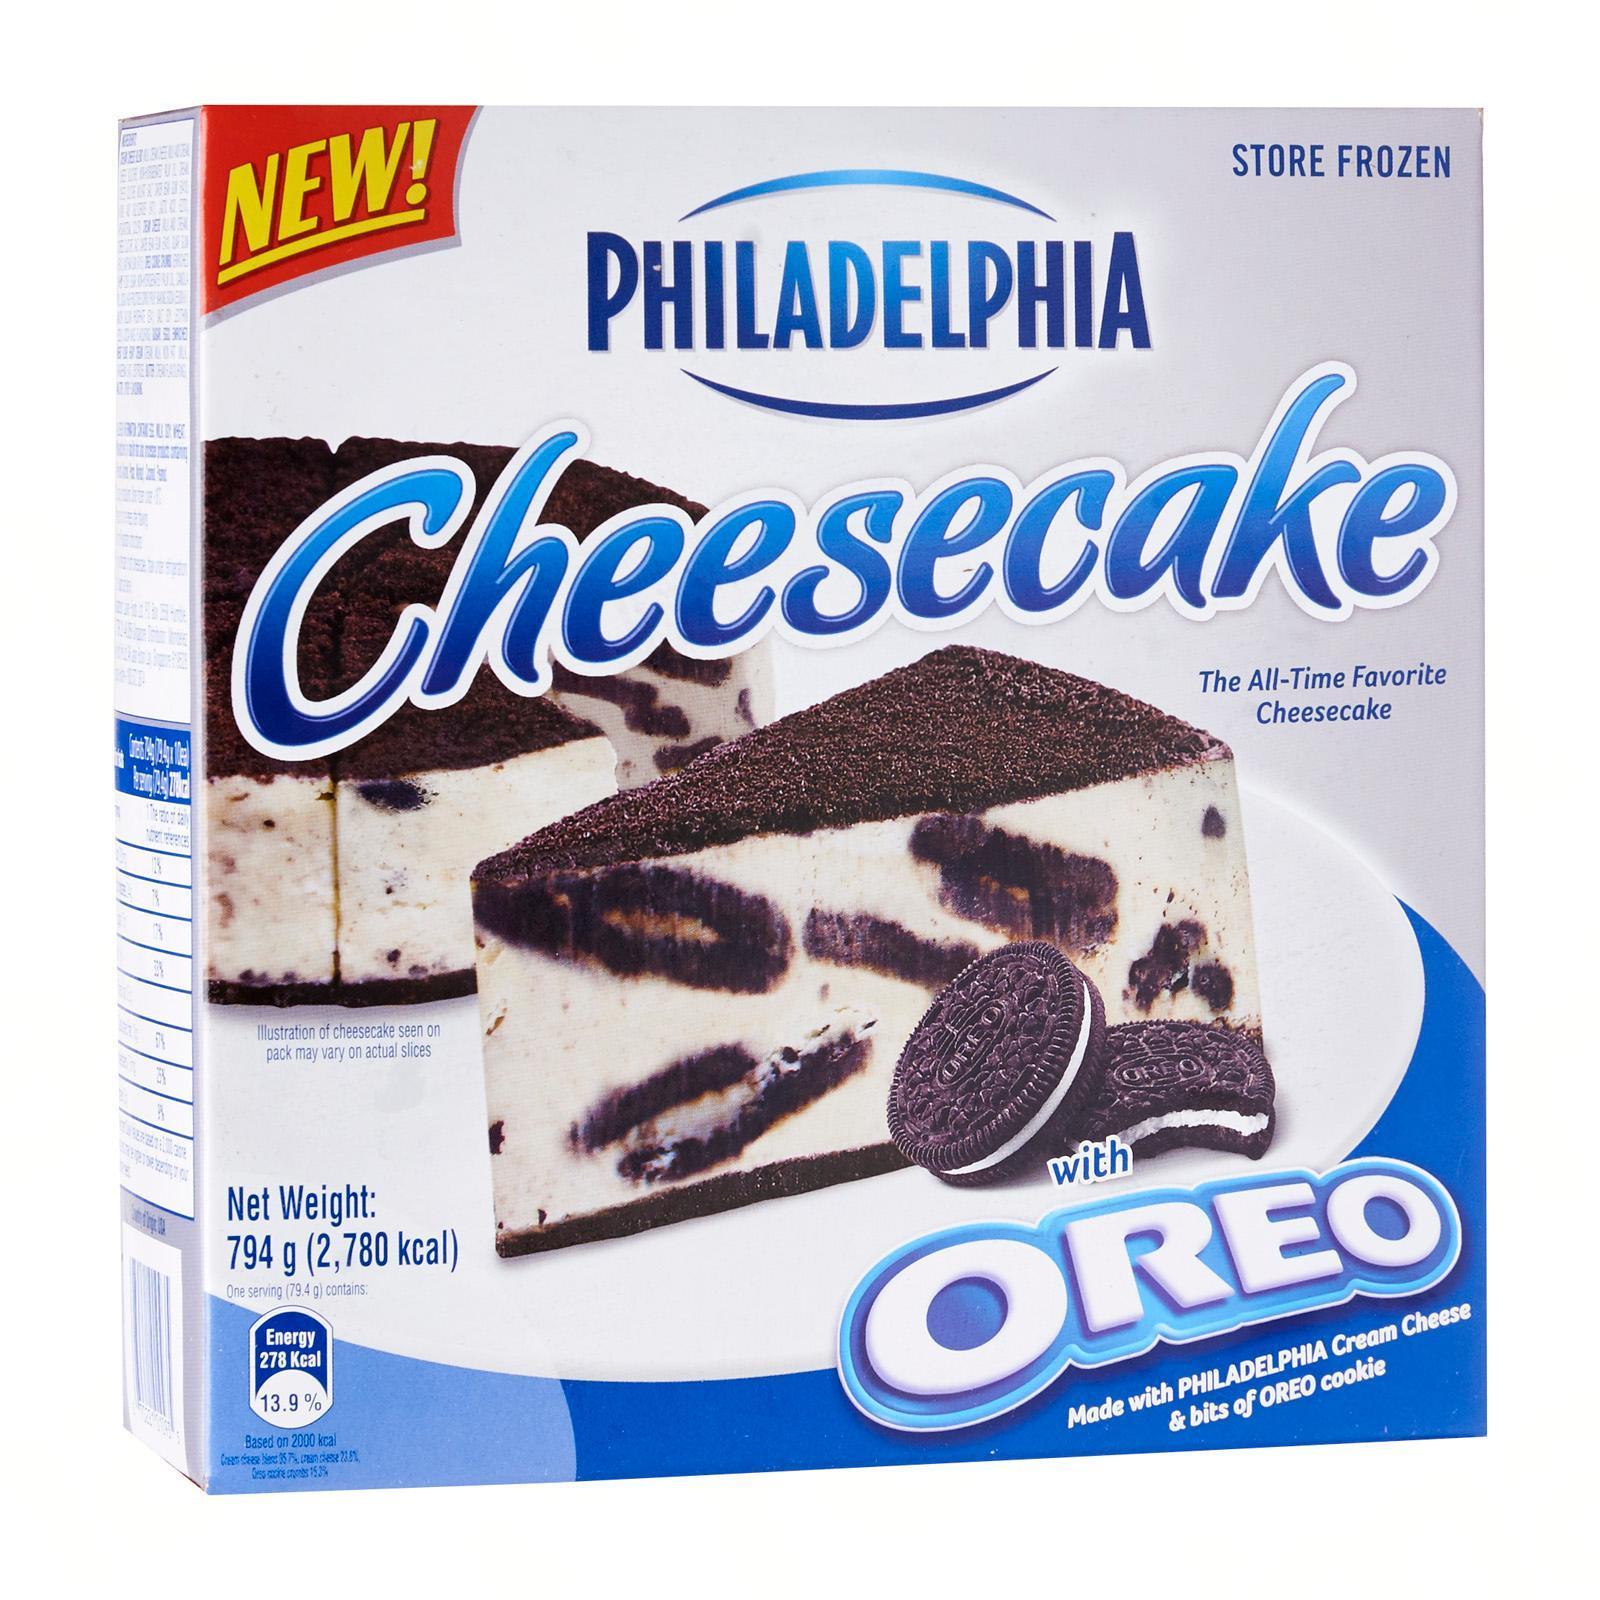 Philadelphia Oreo Cheesecake - Frozen